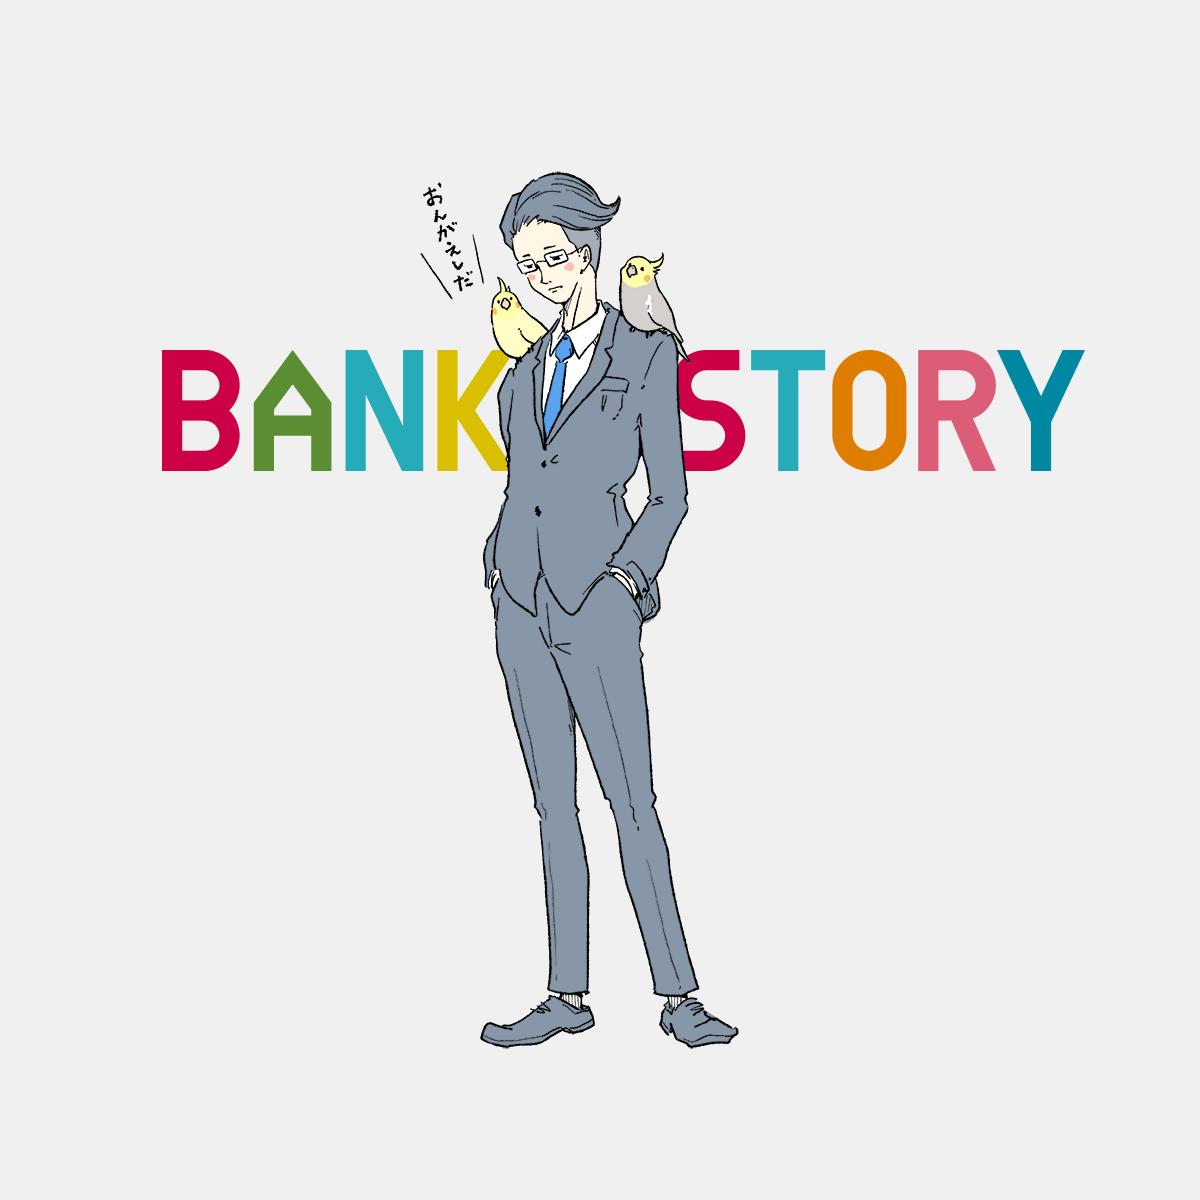 エイプリルフール BANKSTORY バンクストーリー